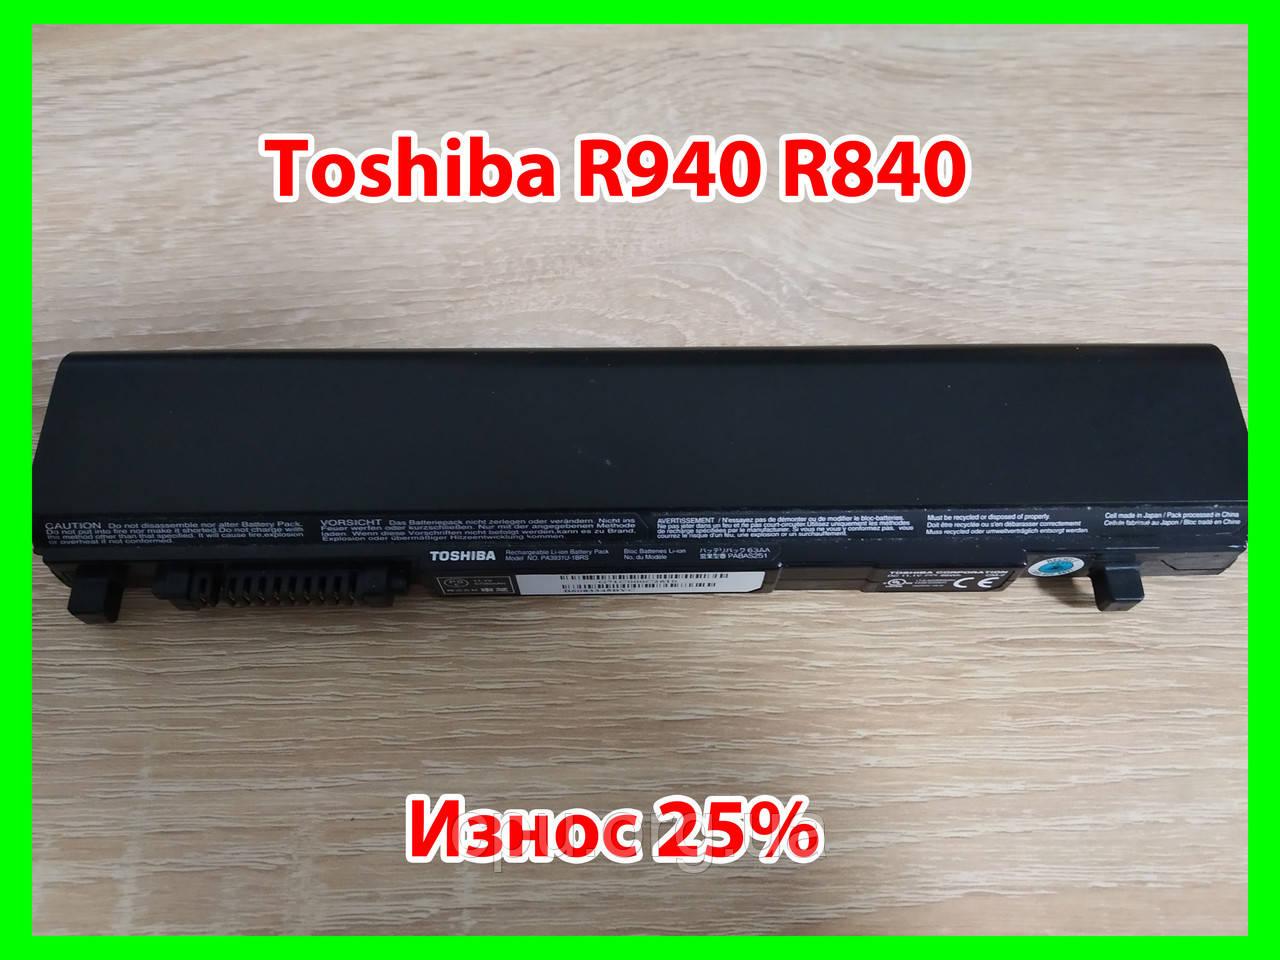 Оригінальний акумулятор батарея Toshiba R840 R940 66Wh 5700mAh 11V